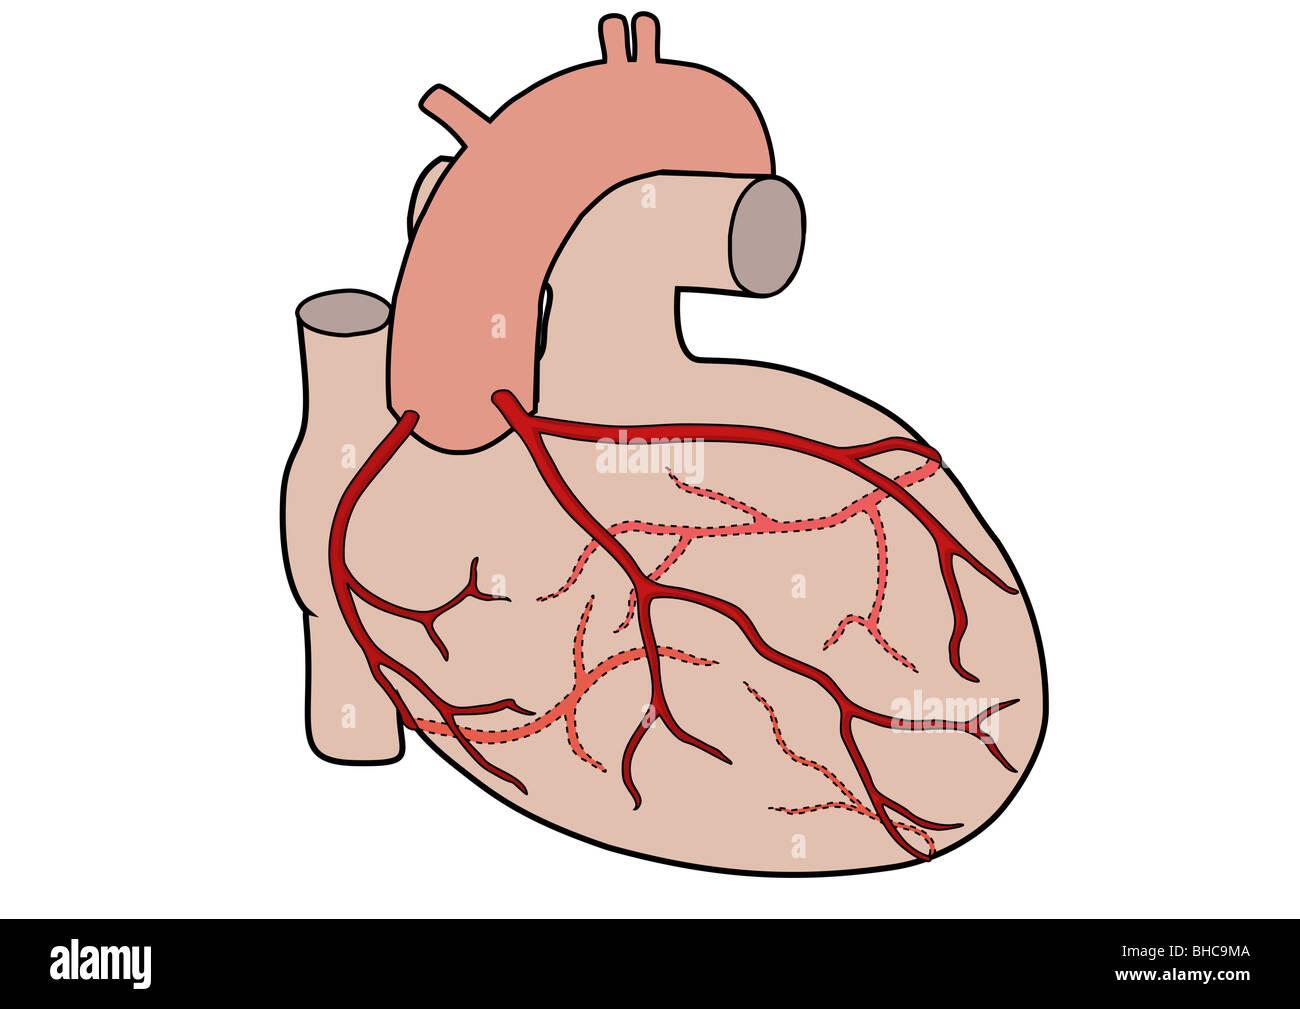 Diagramm des menschlichen Herzens zeigen die Herzkranzgefäße ...